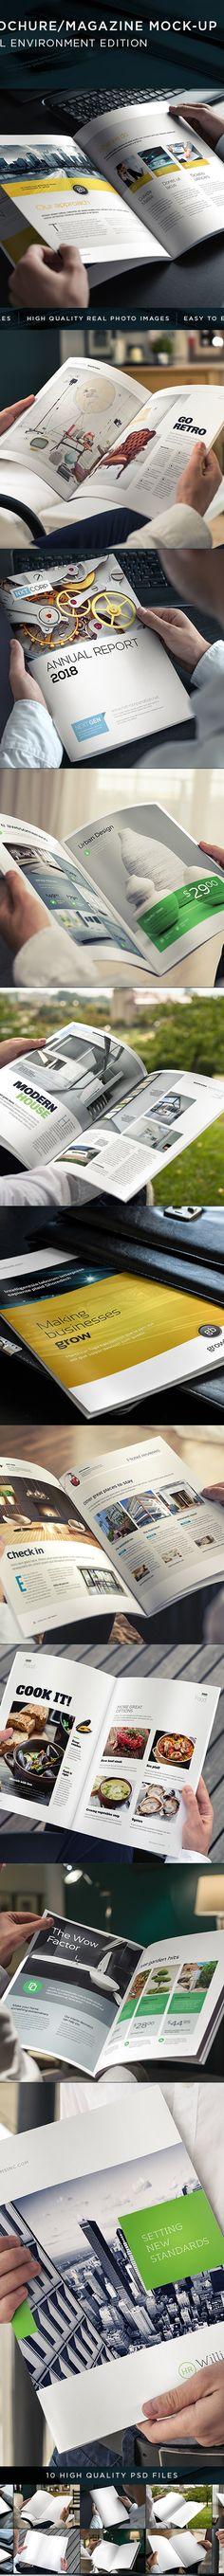 Brochure / Magazine Mock-Up on Behance